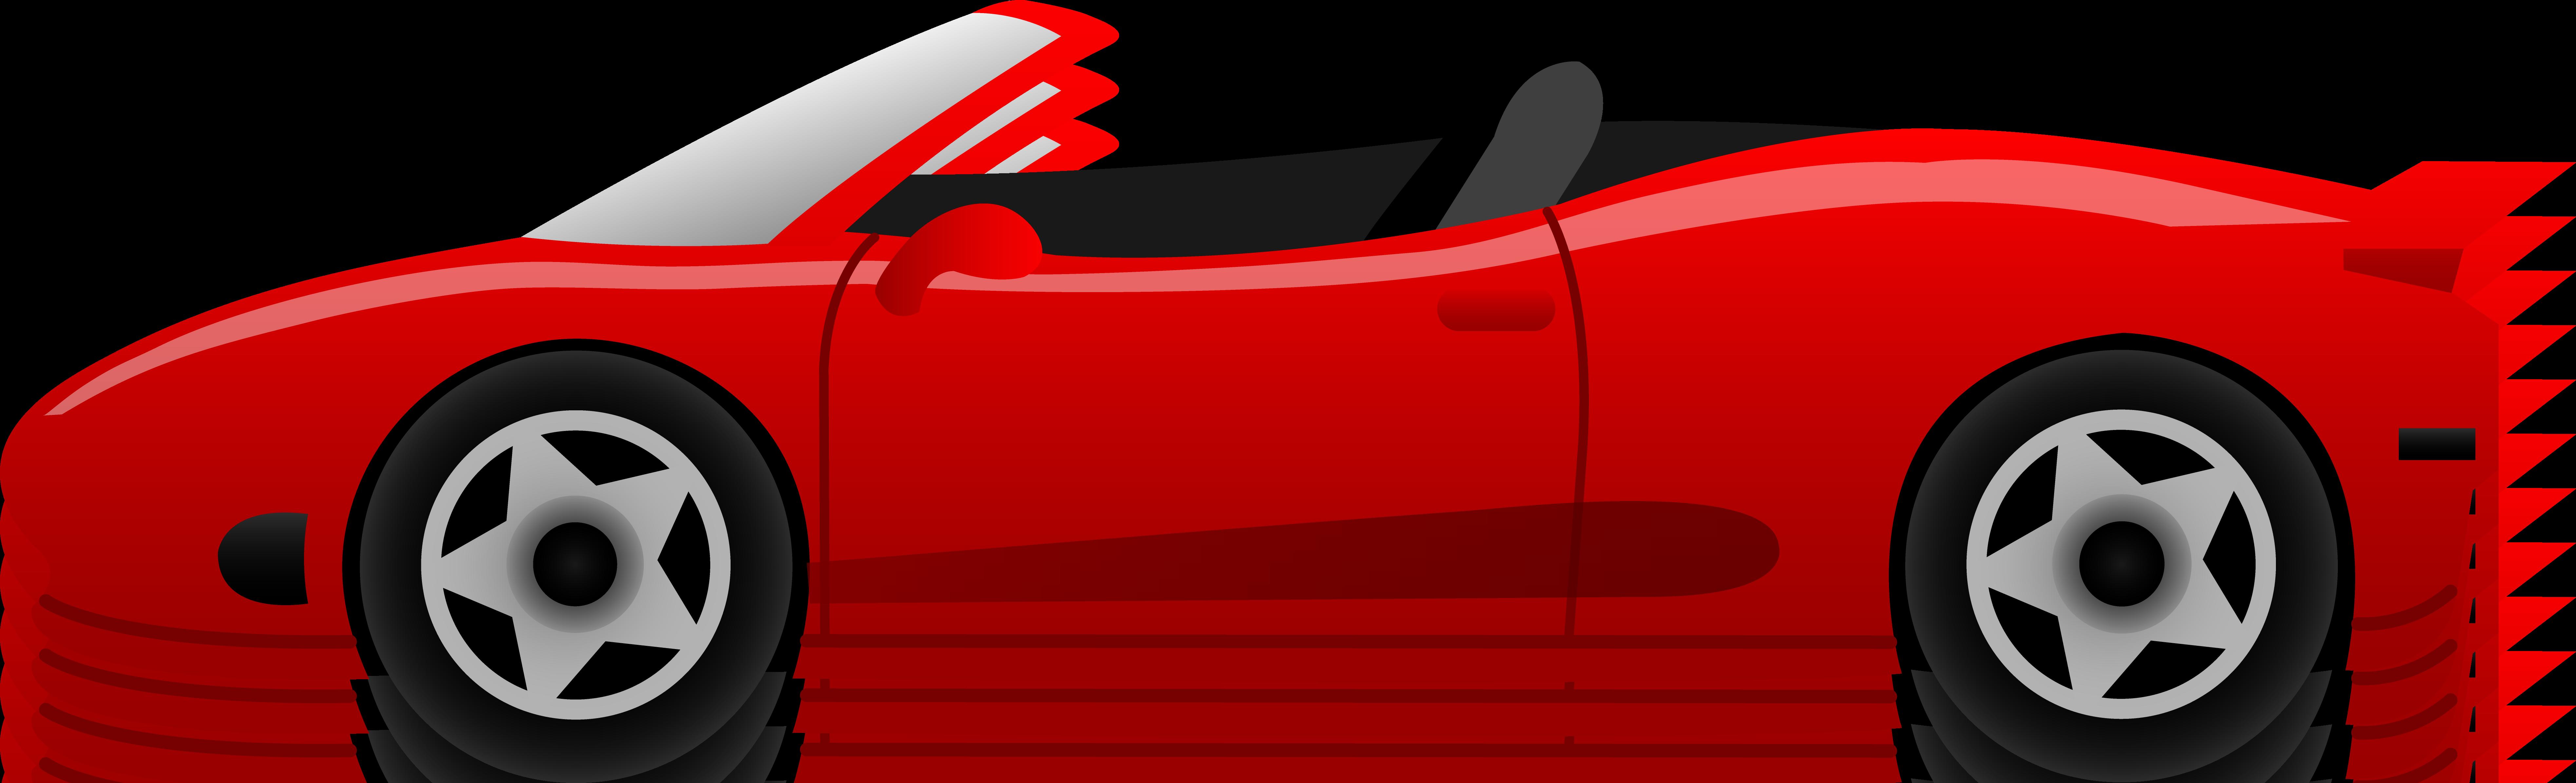 7863x2391 Red Ferrari Car